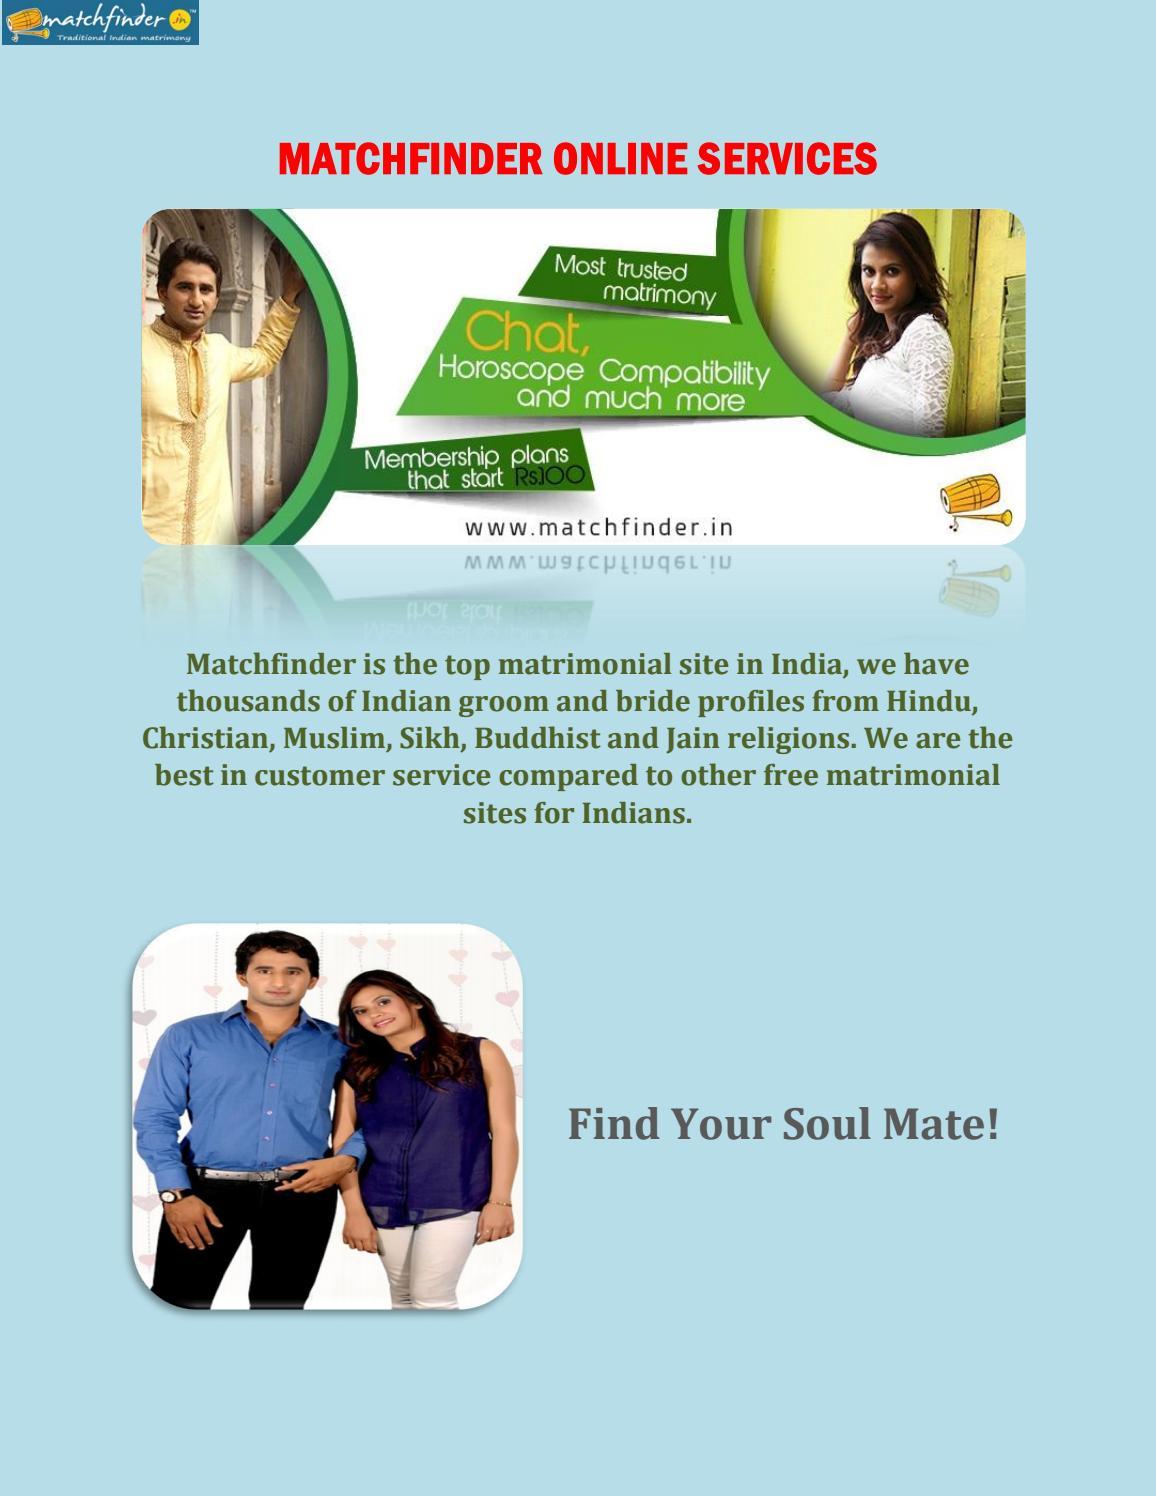 Kamma Divorced Brides By Matchfinder Online Services Pvt Ltd Issuu